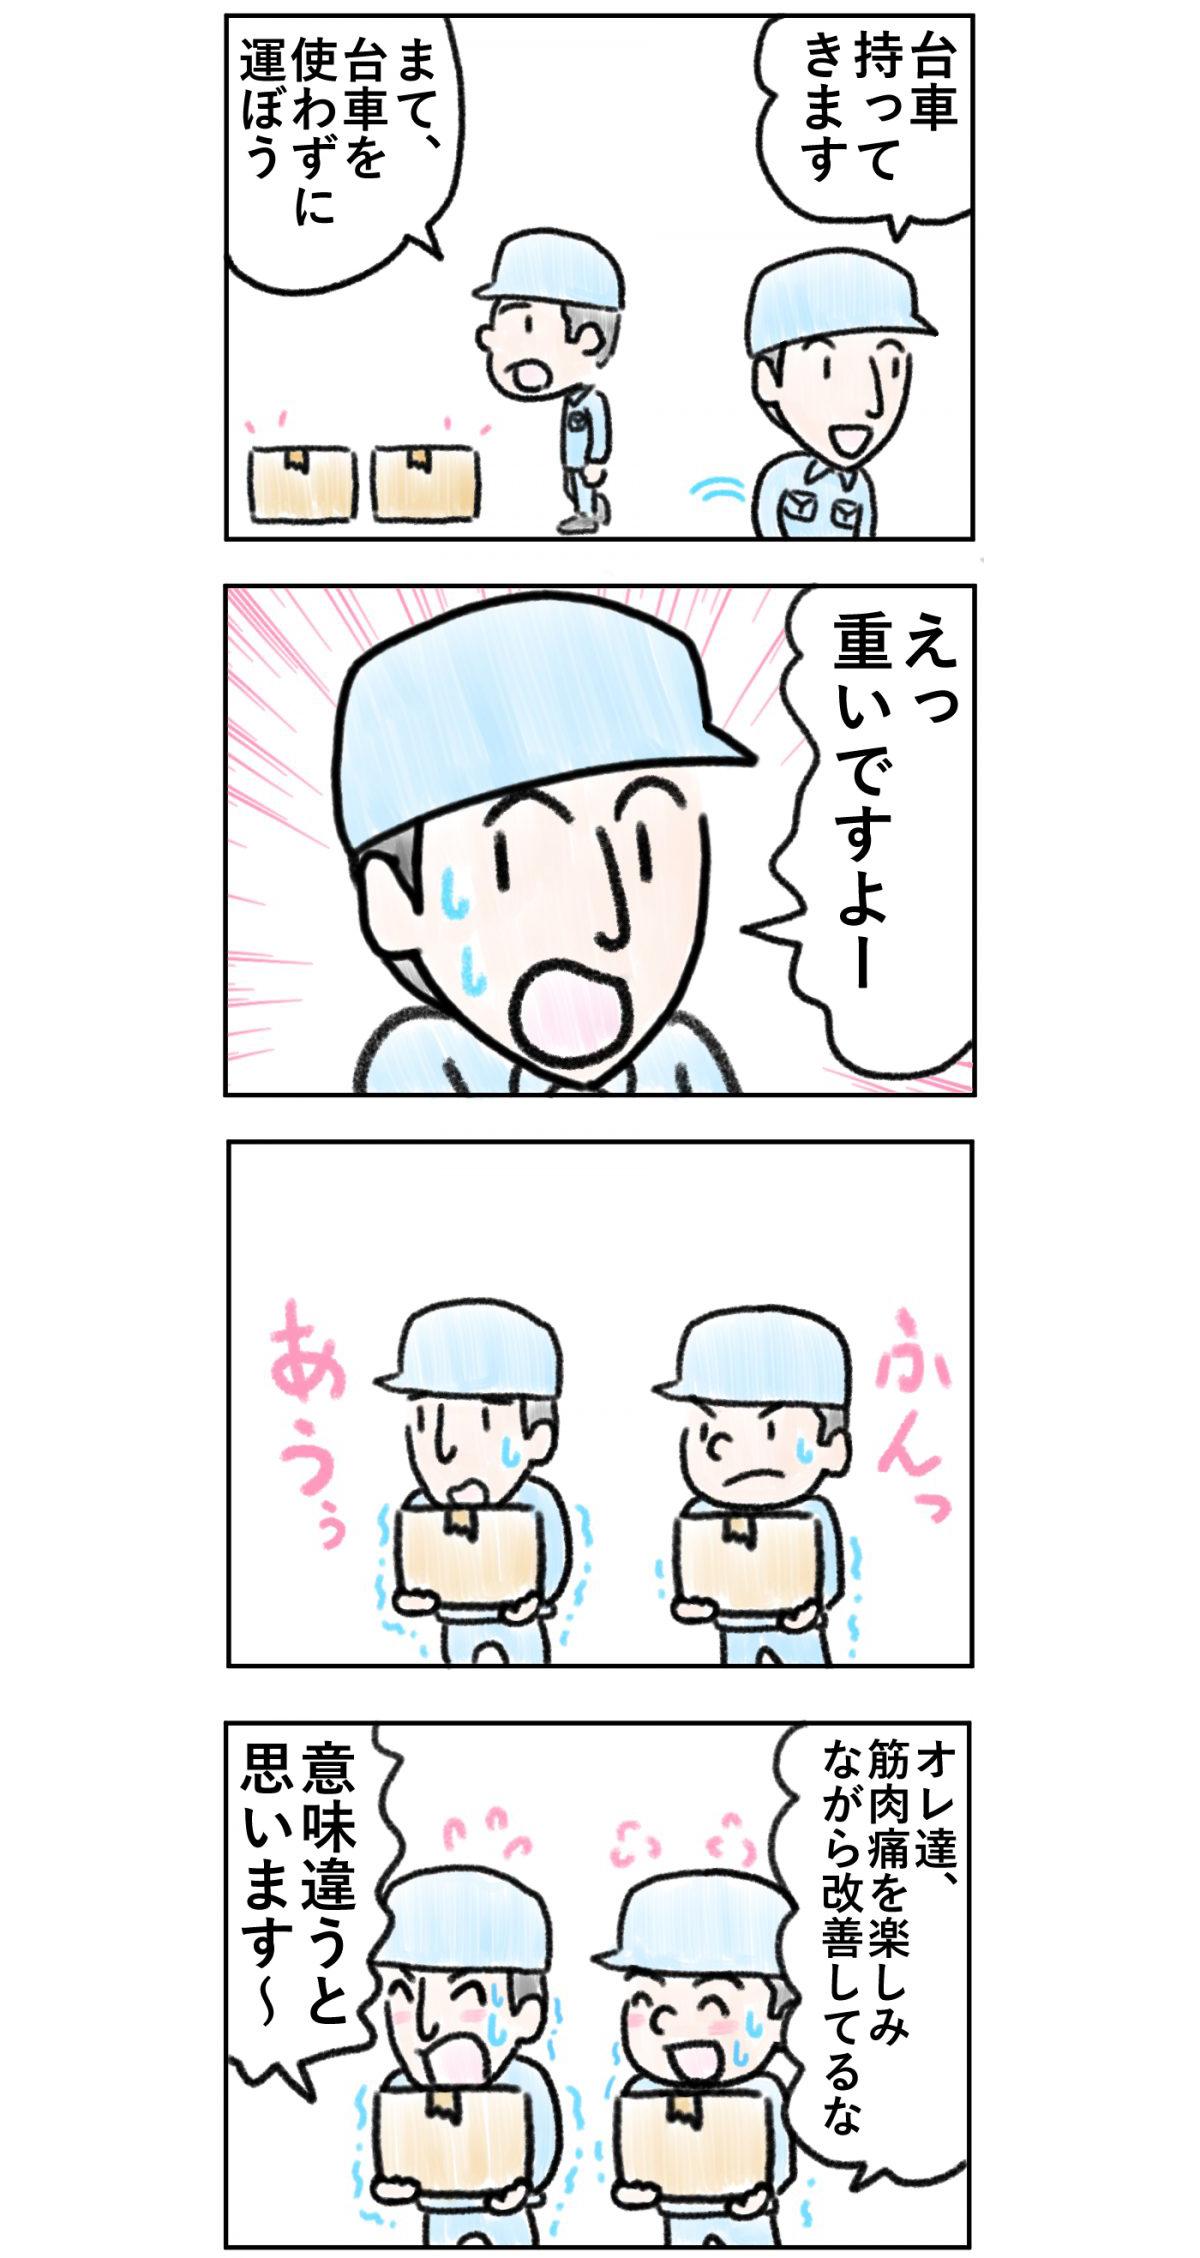 manga22-768x2258